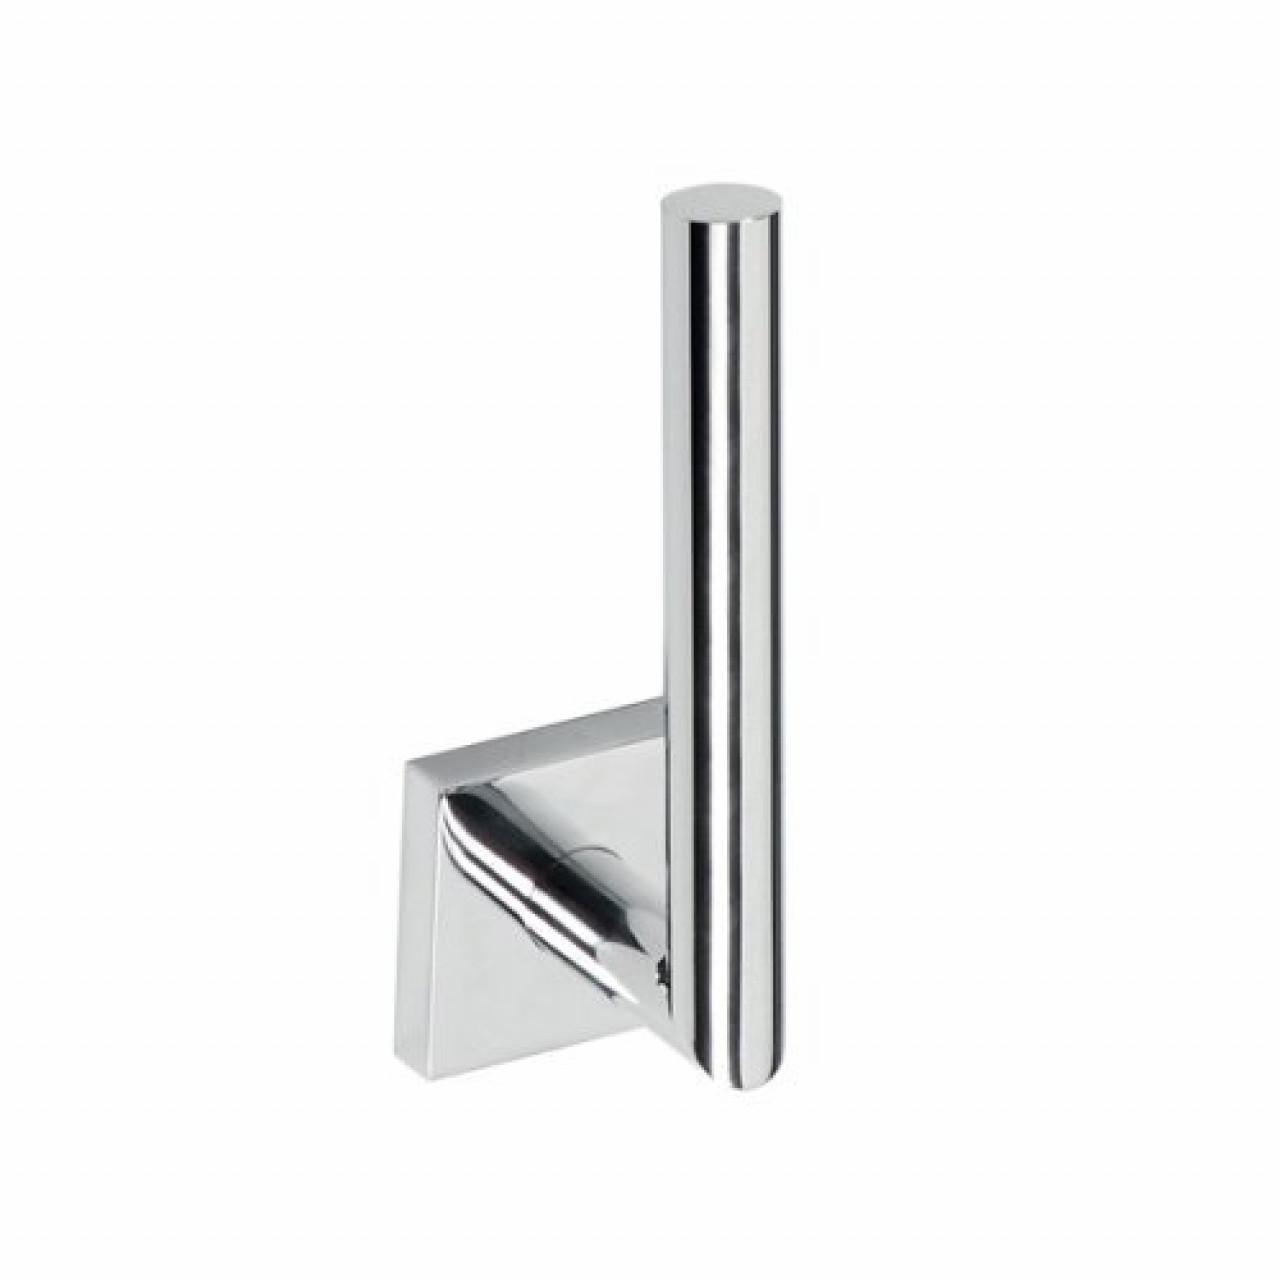 Держатель туалетной бумаги вертикальный BEMETA BETA 132112032 купить в Москве по цене от 1143р. в интернет-магазине mebel-v-vannu.ru